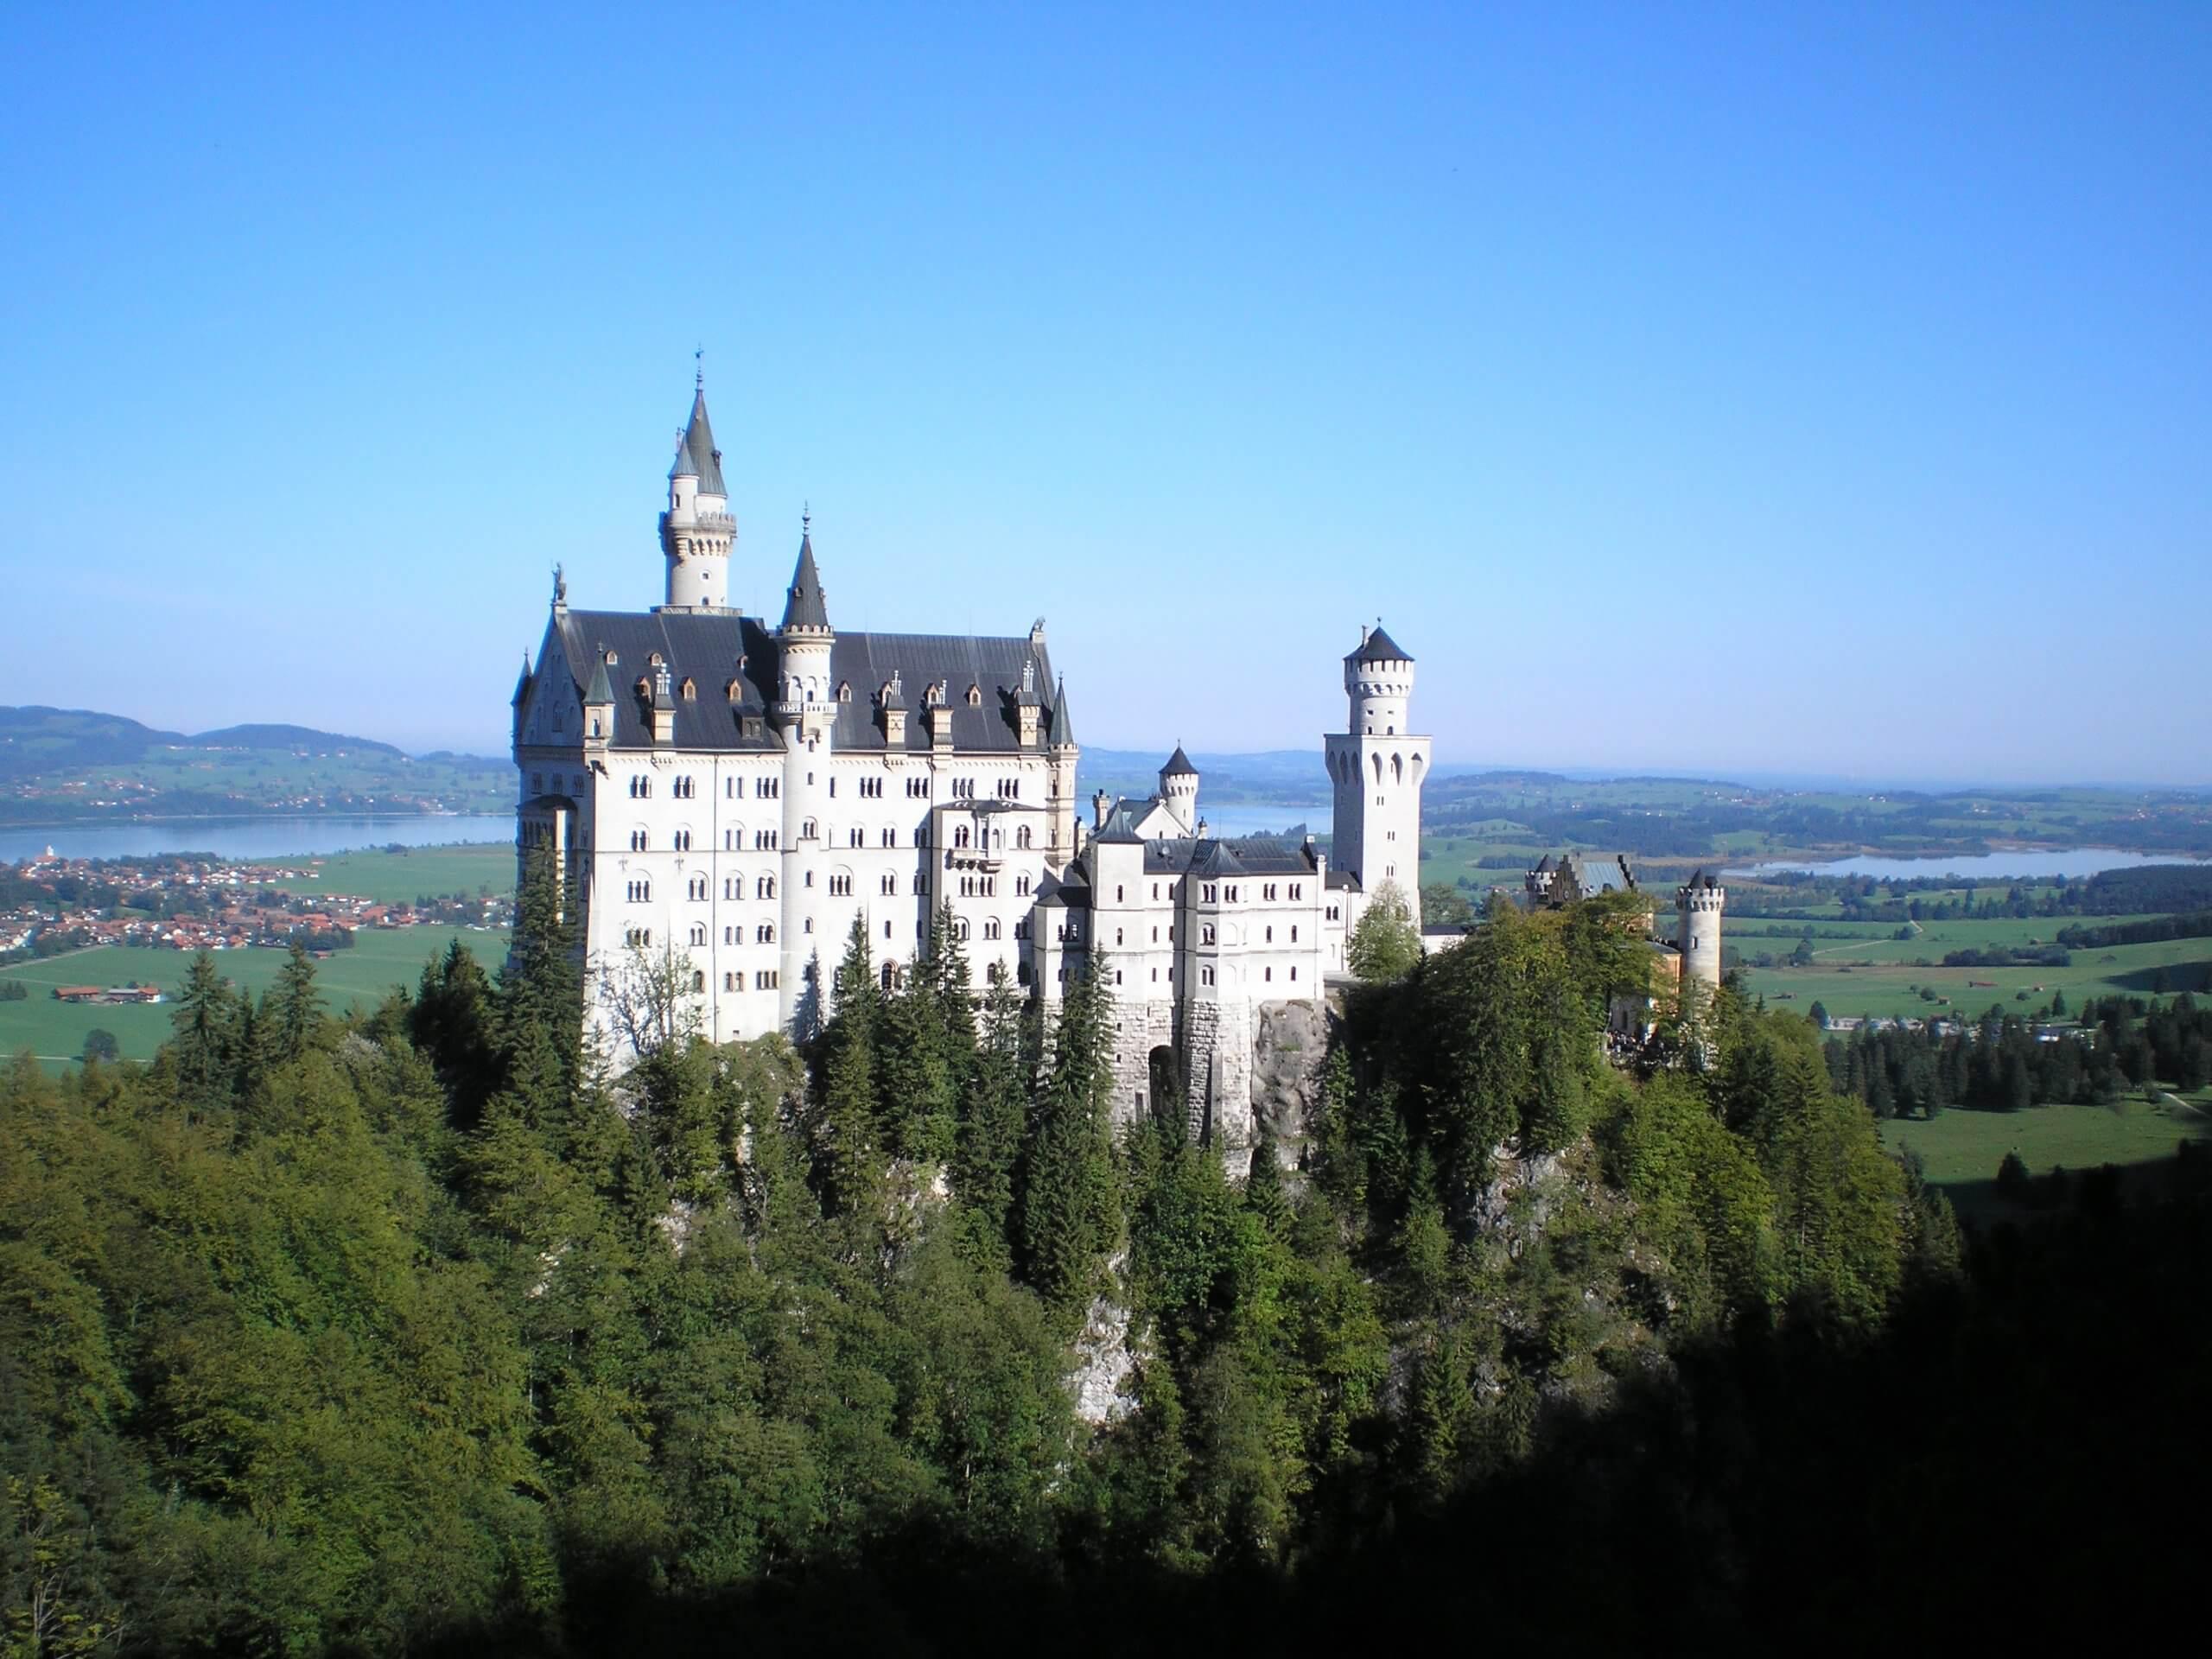 Le château de Neuschwanstein a inspiré Walt Disney pour l'architecture du « Château de la Belle au bois dormant », devenu depuis le logo des Studios Walt Disney.